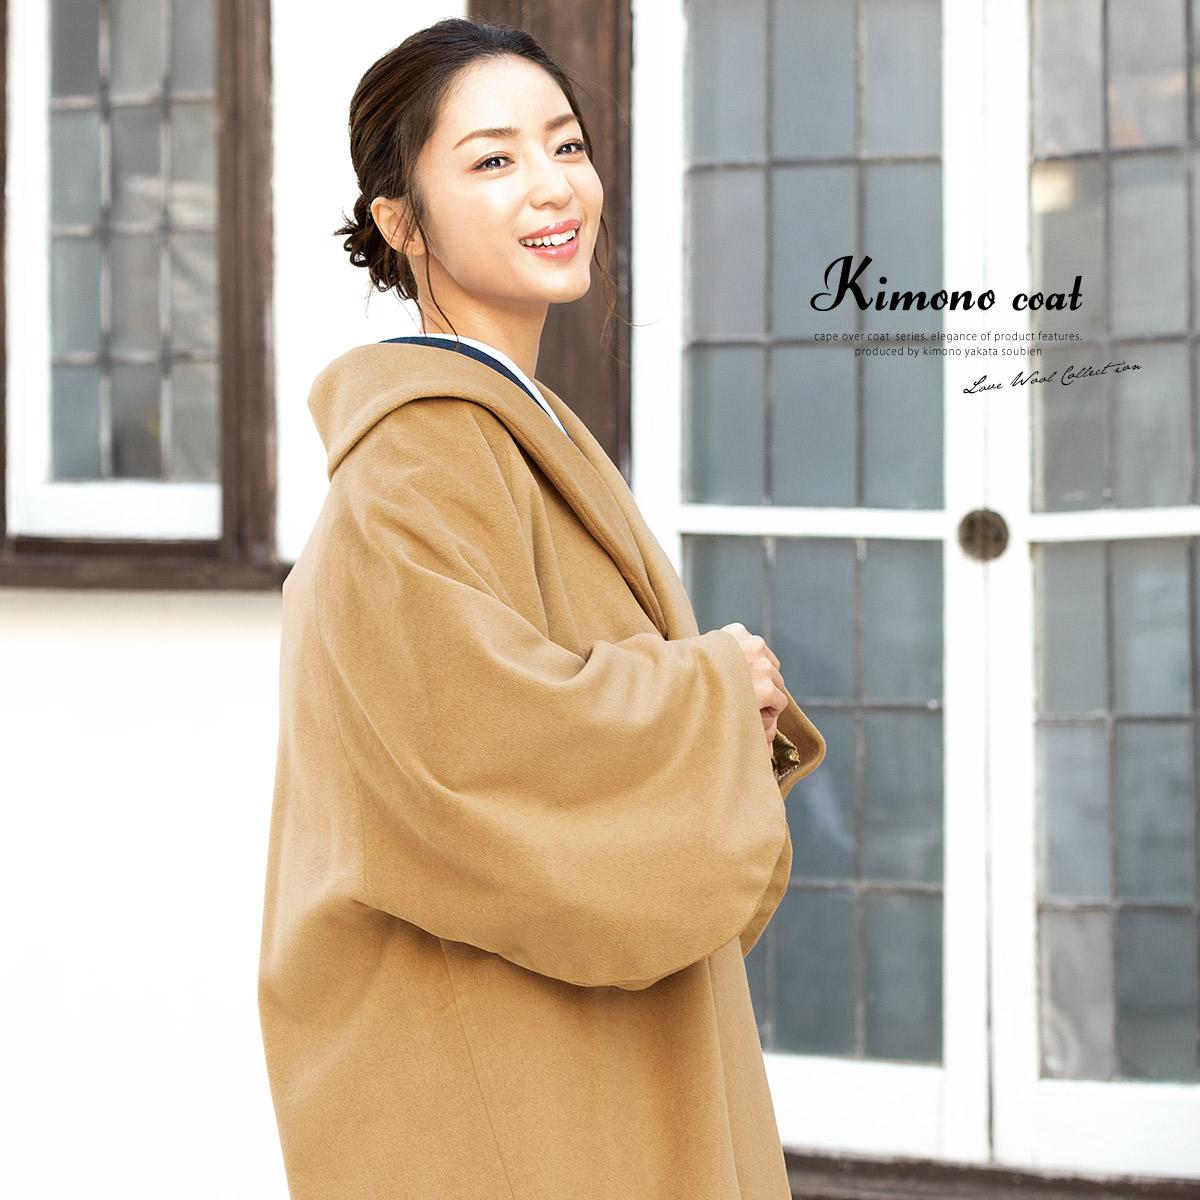 冬のお出かけにおすすめな着物用コート